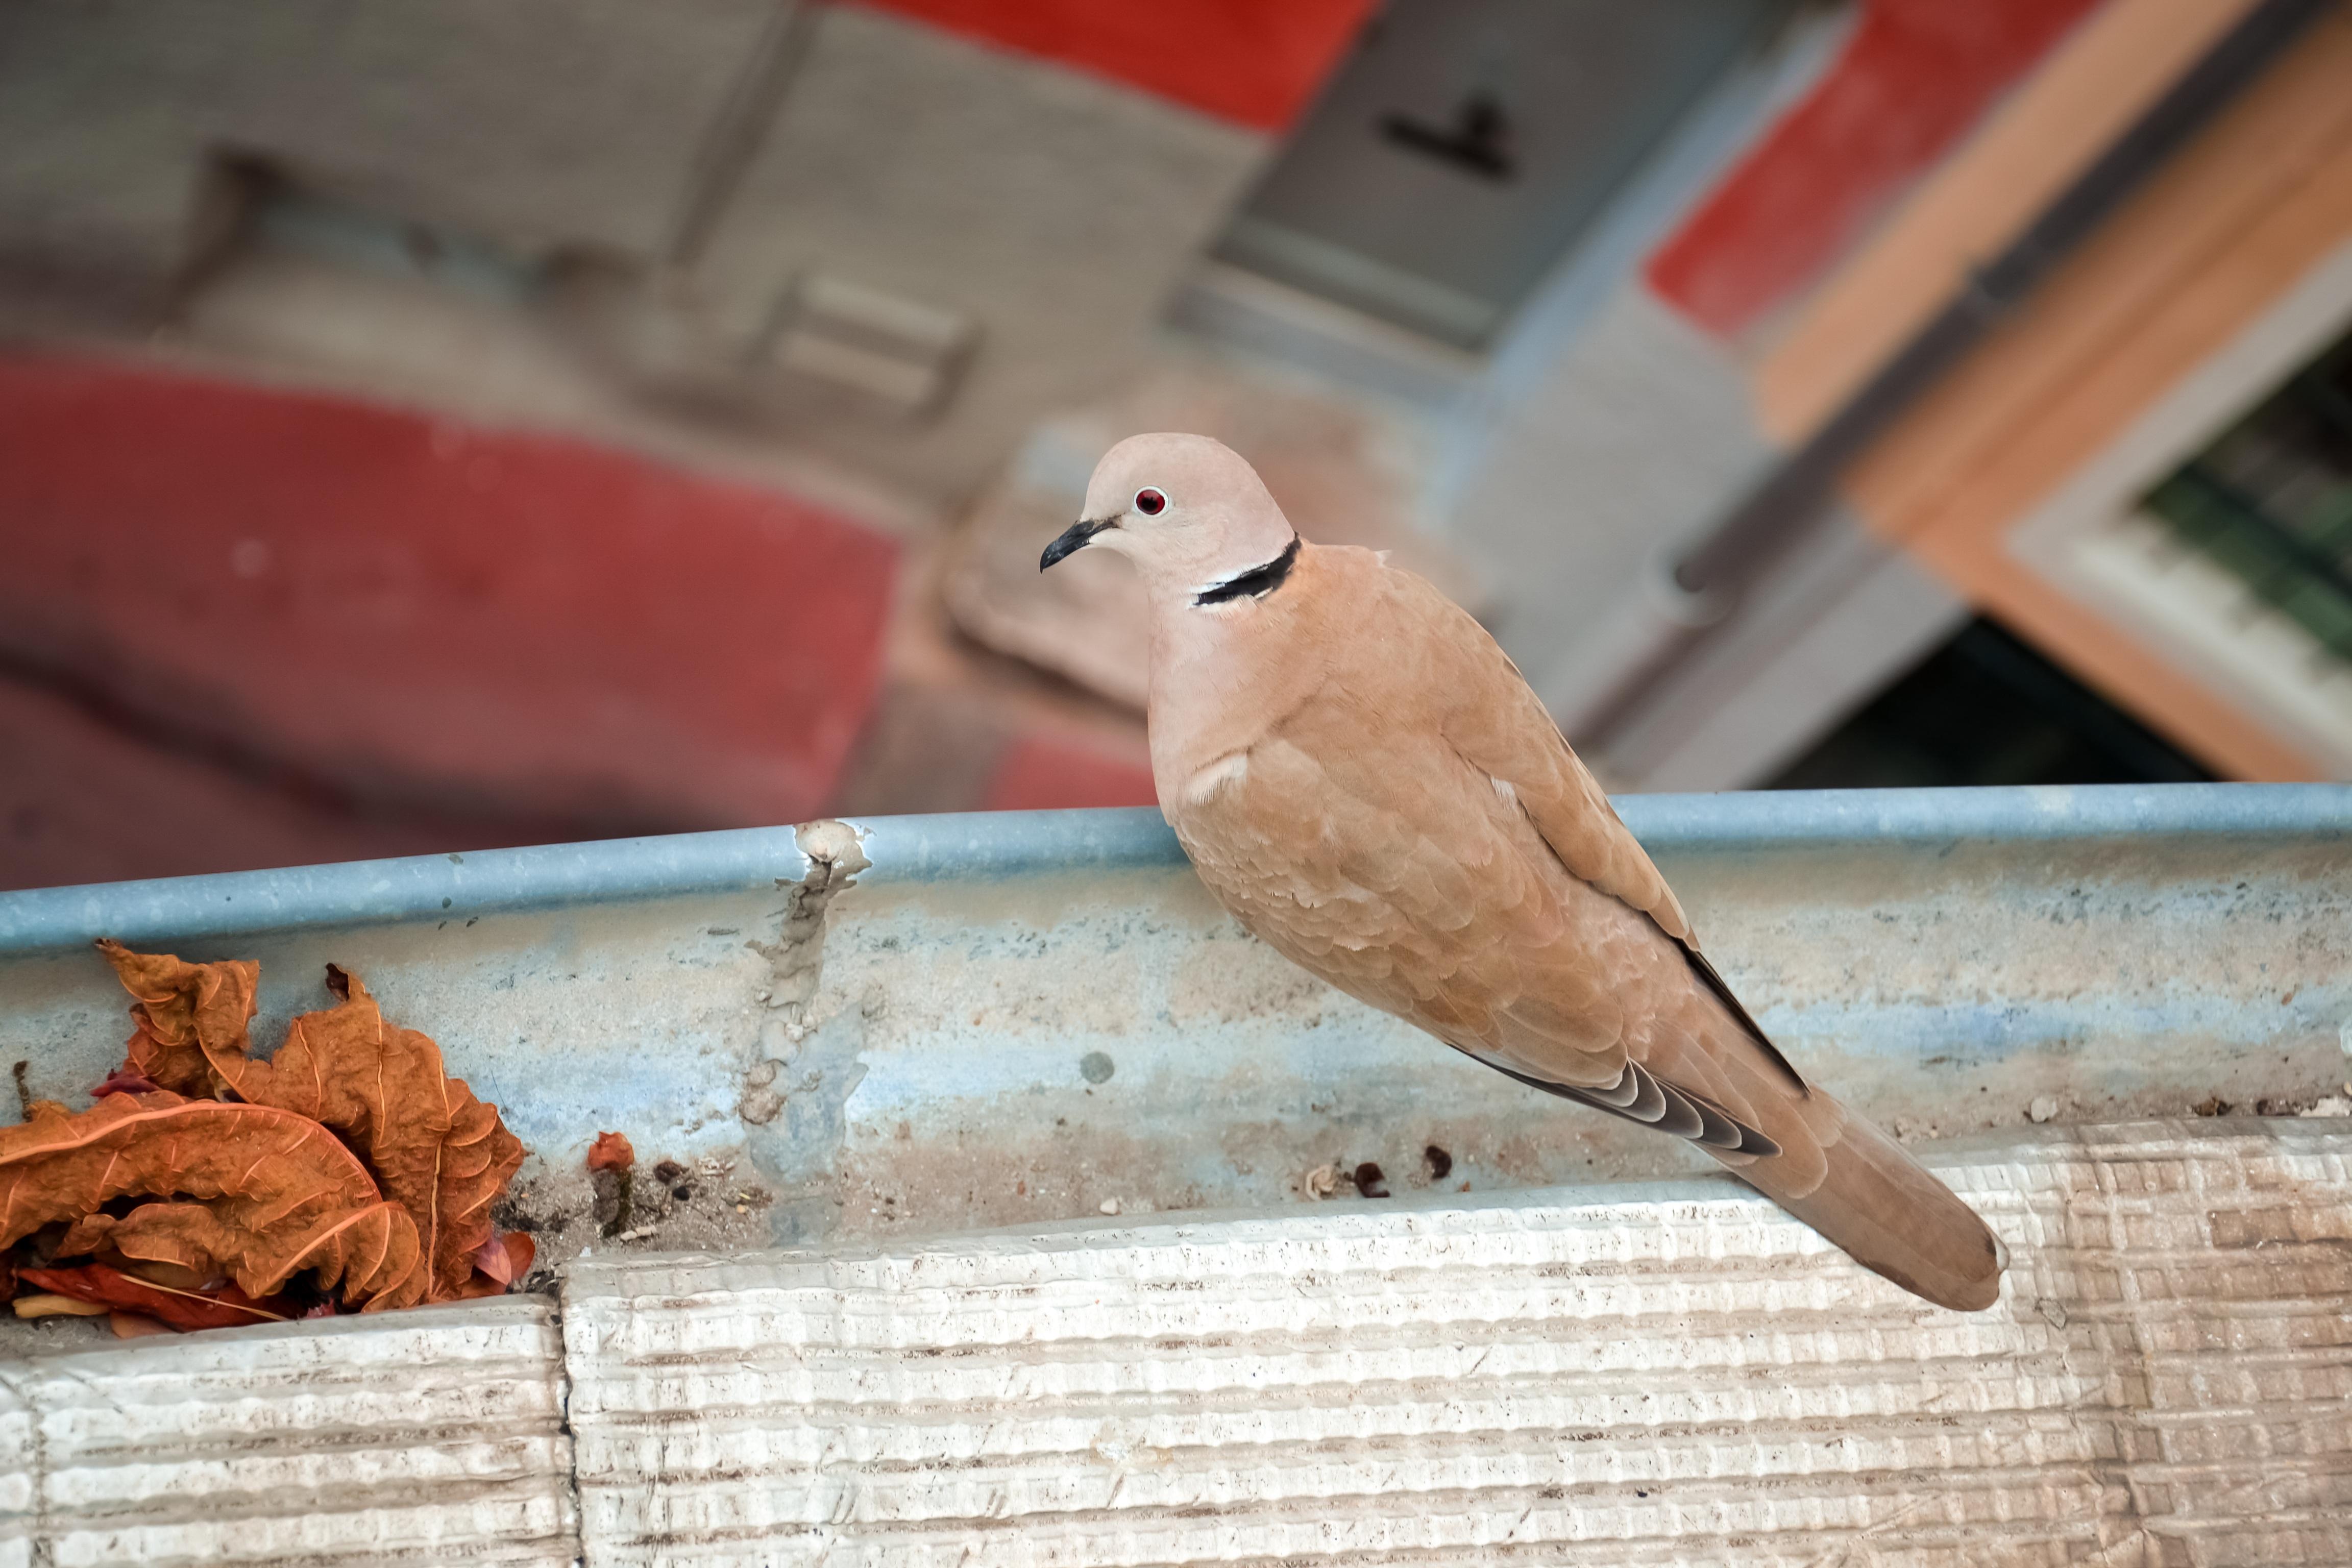 Download 880+ Foto Gambar Burung Merpati Bagus  Paling Unik